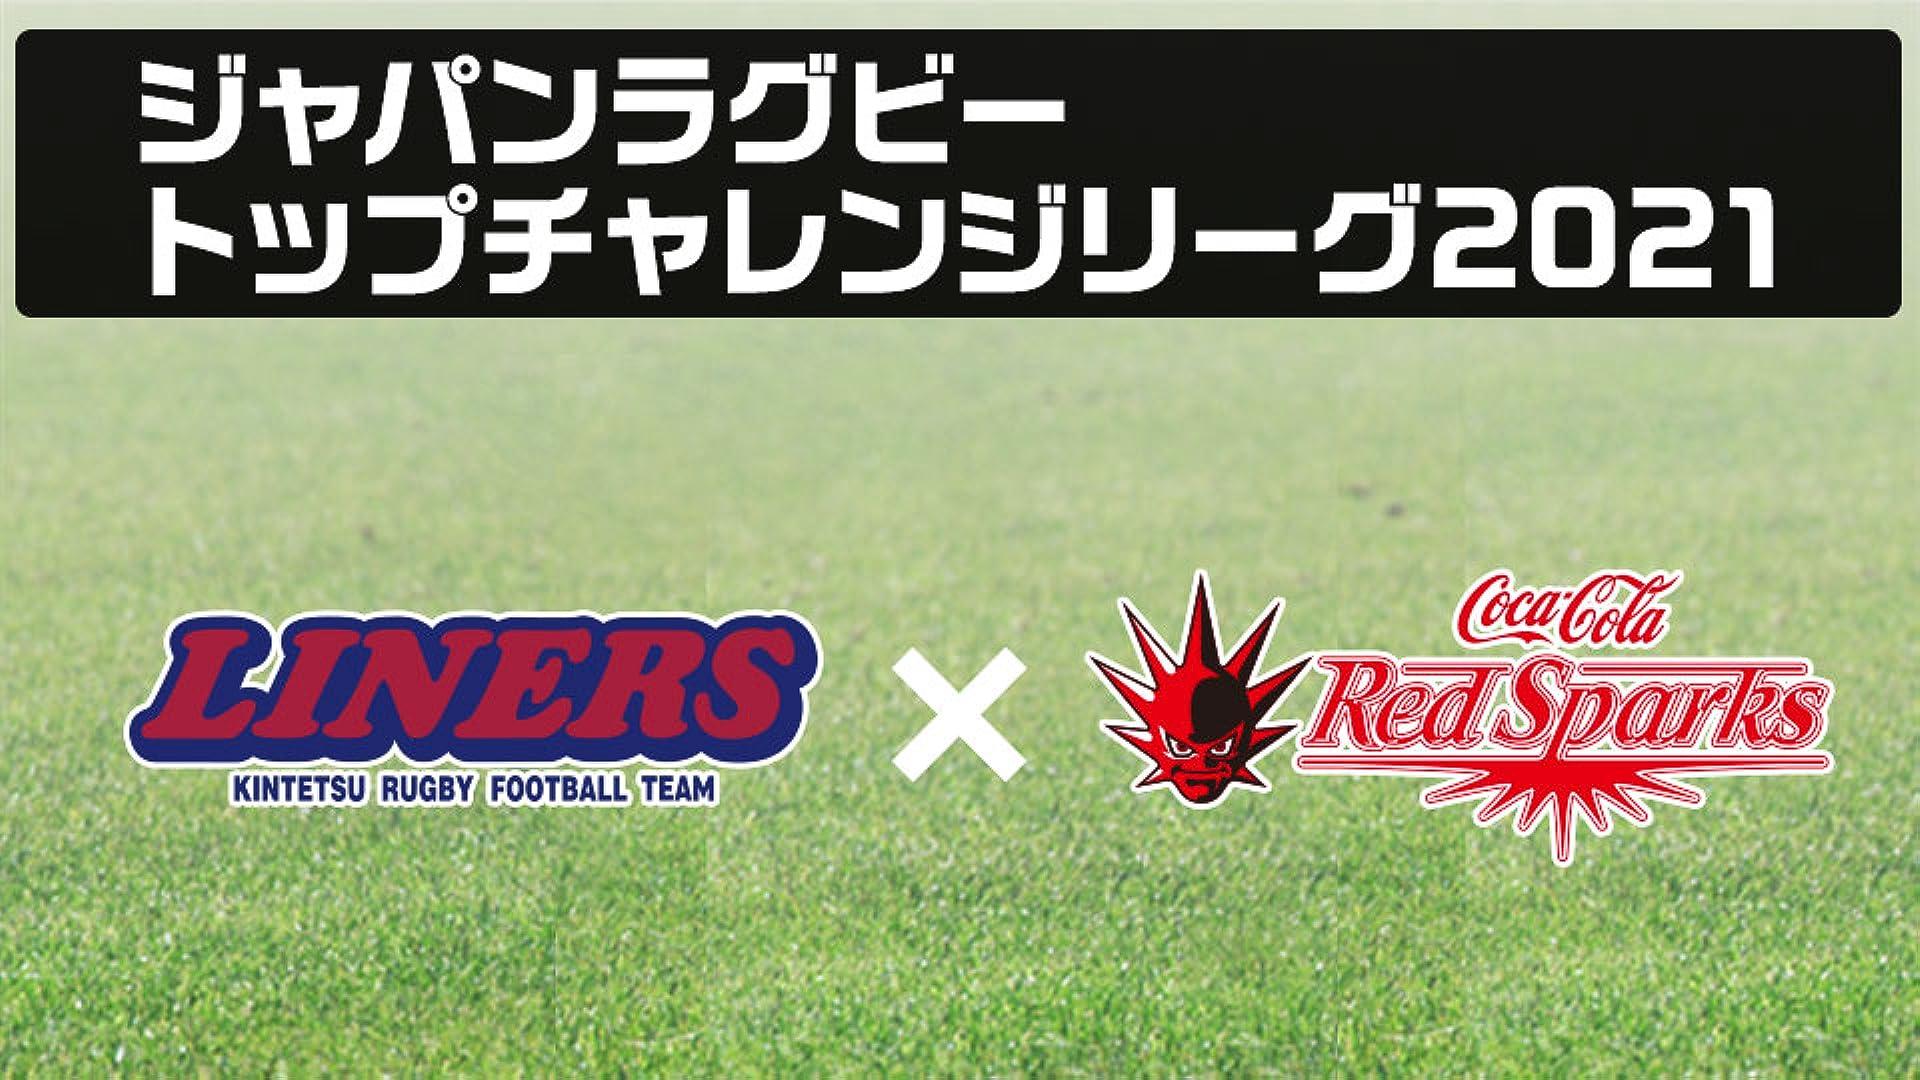 【限定】ジャパンラグビー トップチャレンジリーグ2021 近鉄 vs. コカ・コーラ